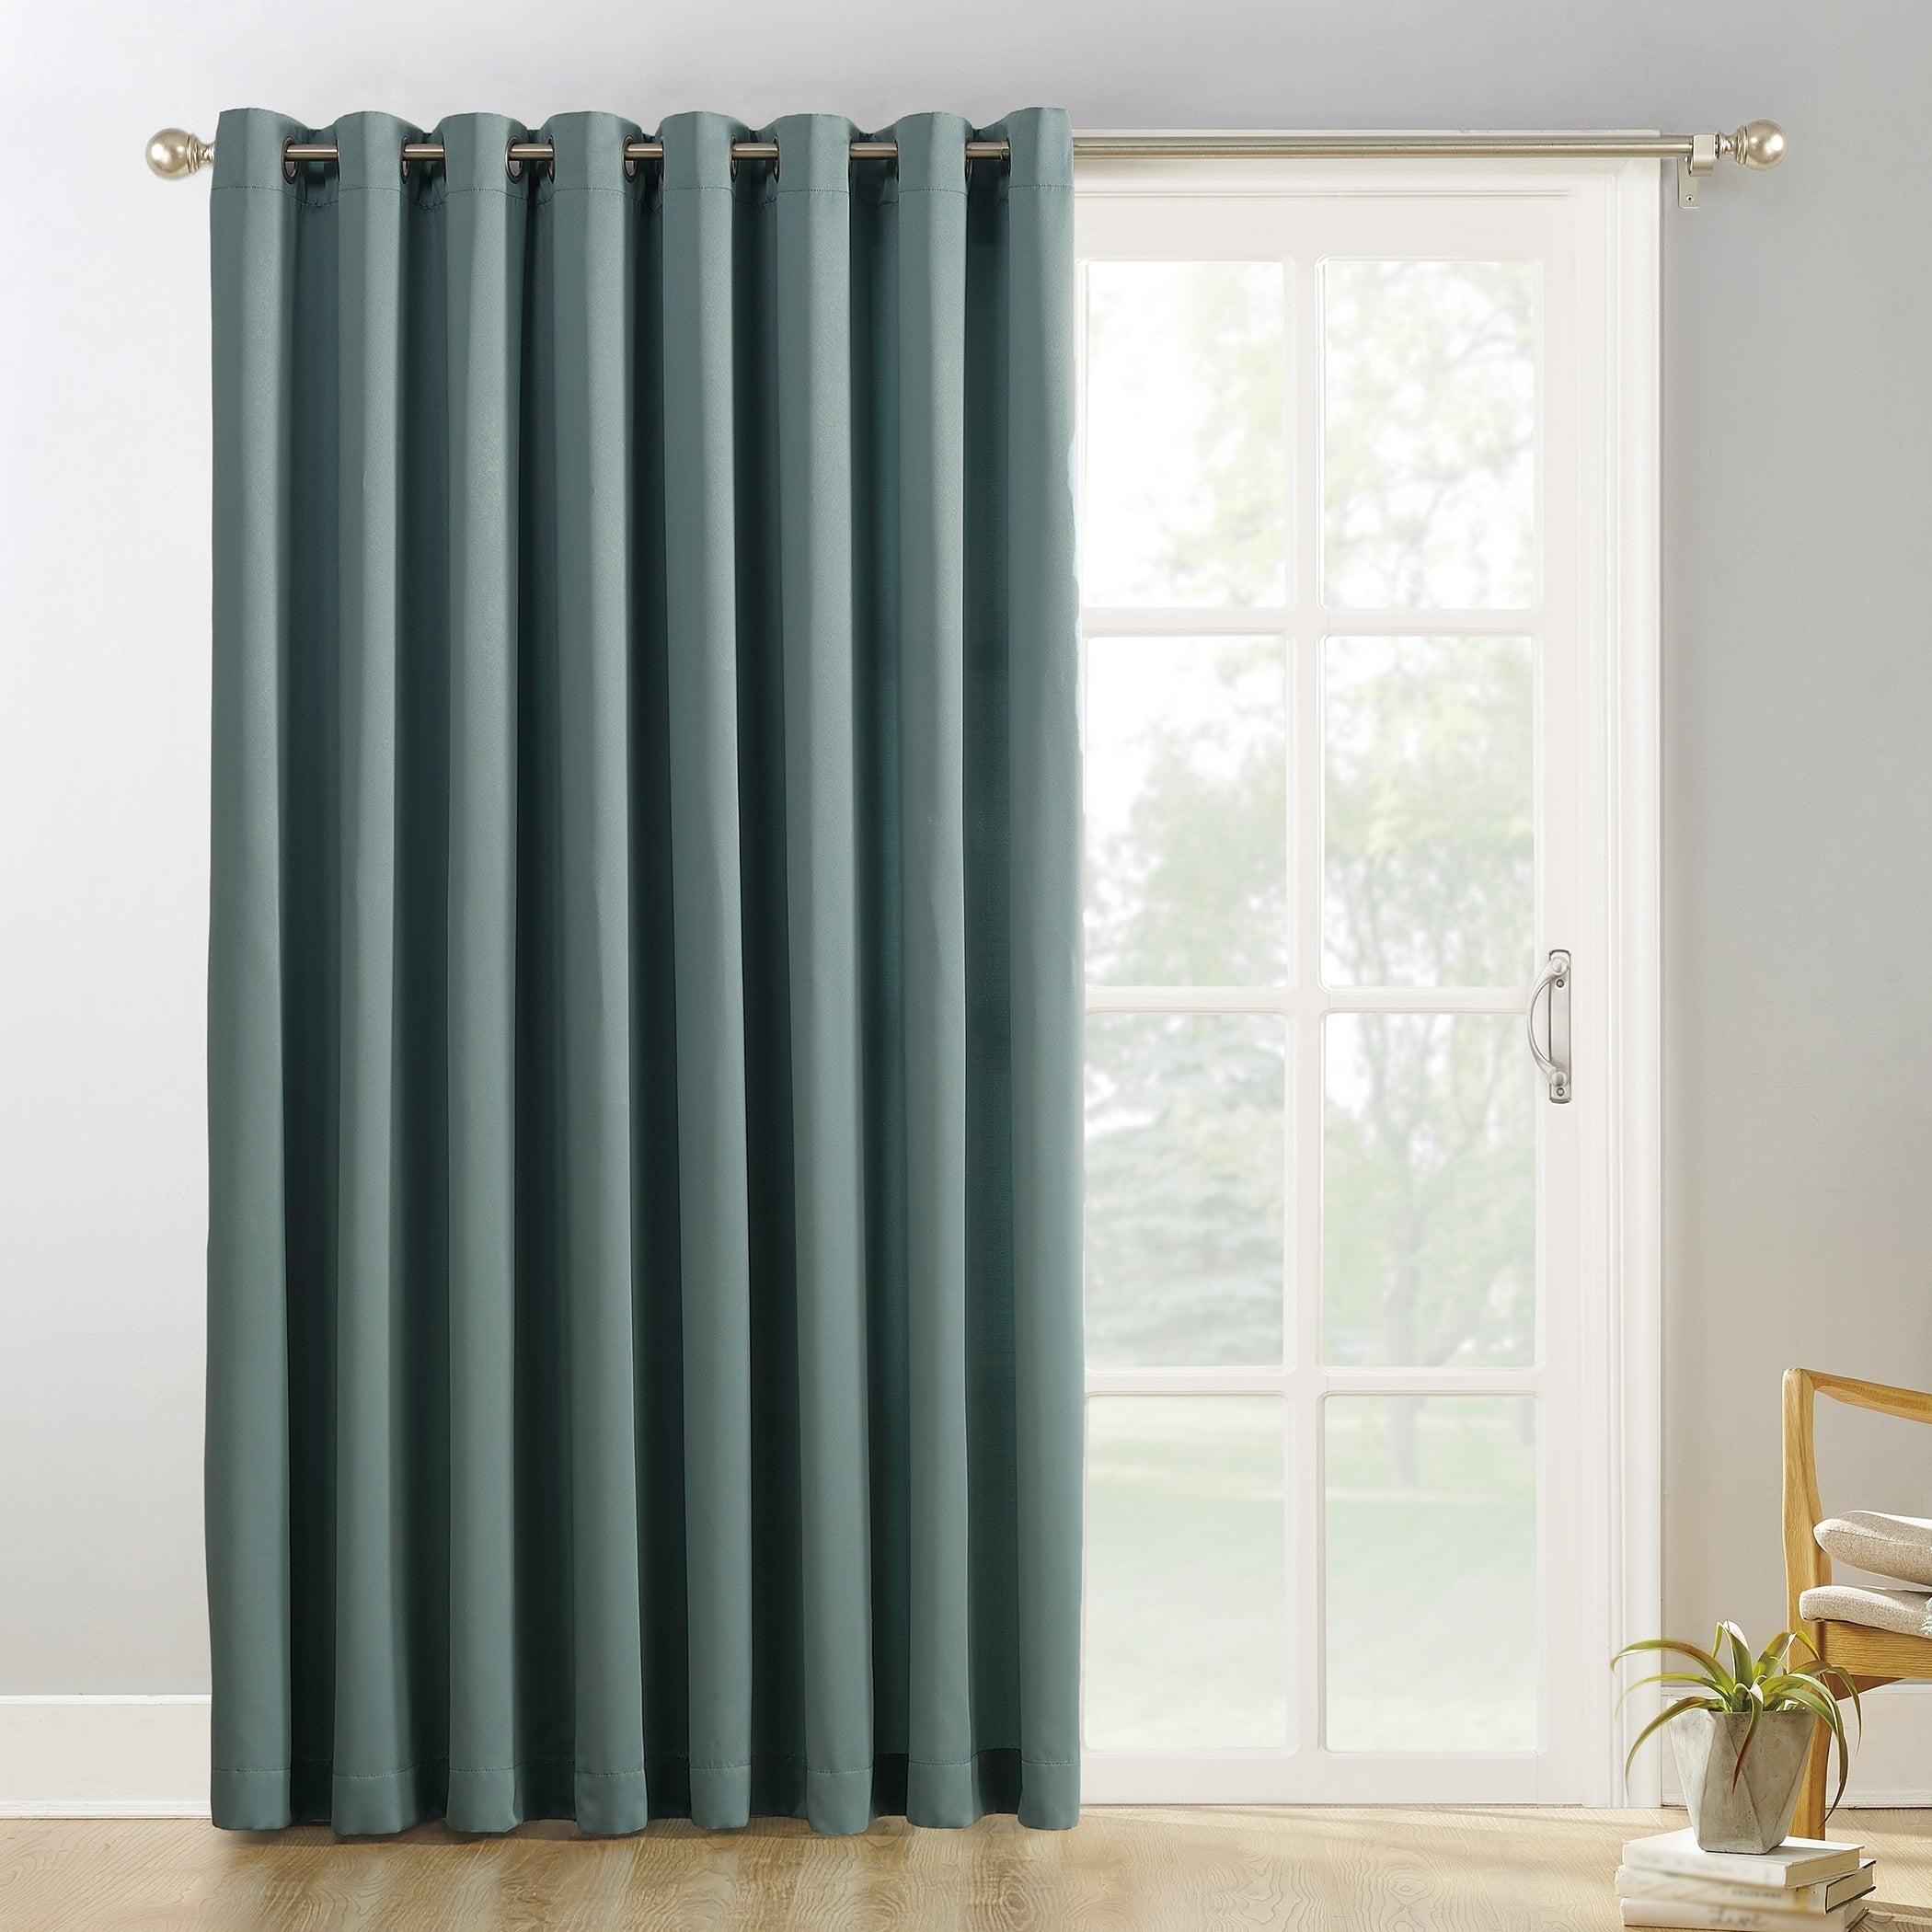 Details About Sun Zero Hayden Grommet Blackout Patio Door Window Curtain In Grommet Blackout Patio Door Window Curtain Panels (View 17 of 20)